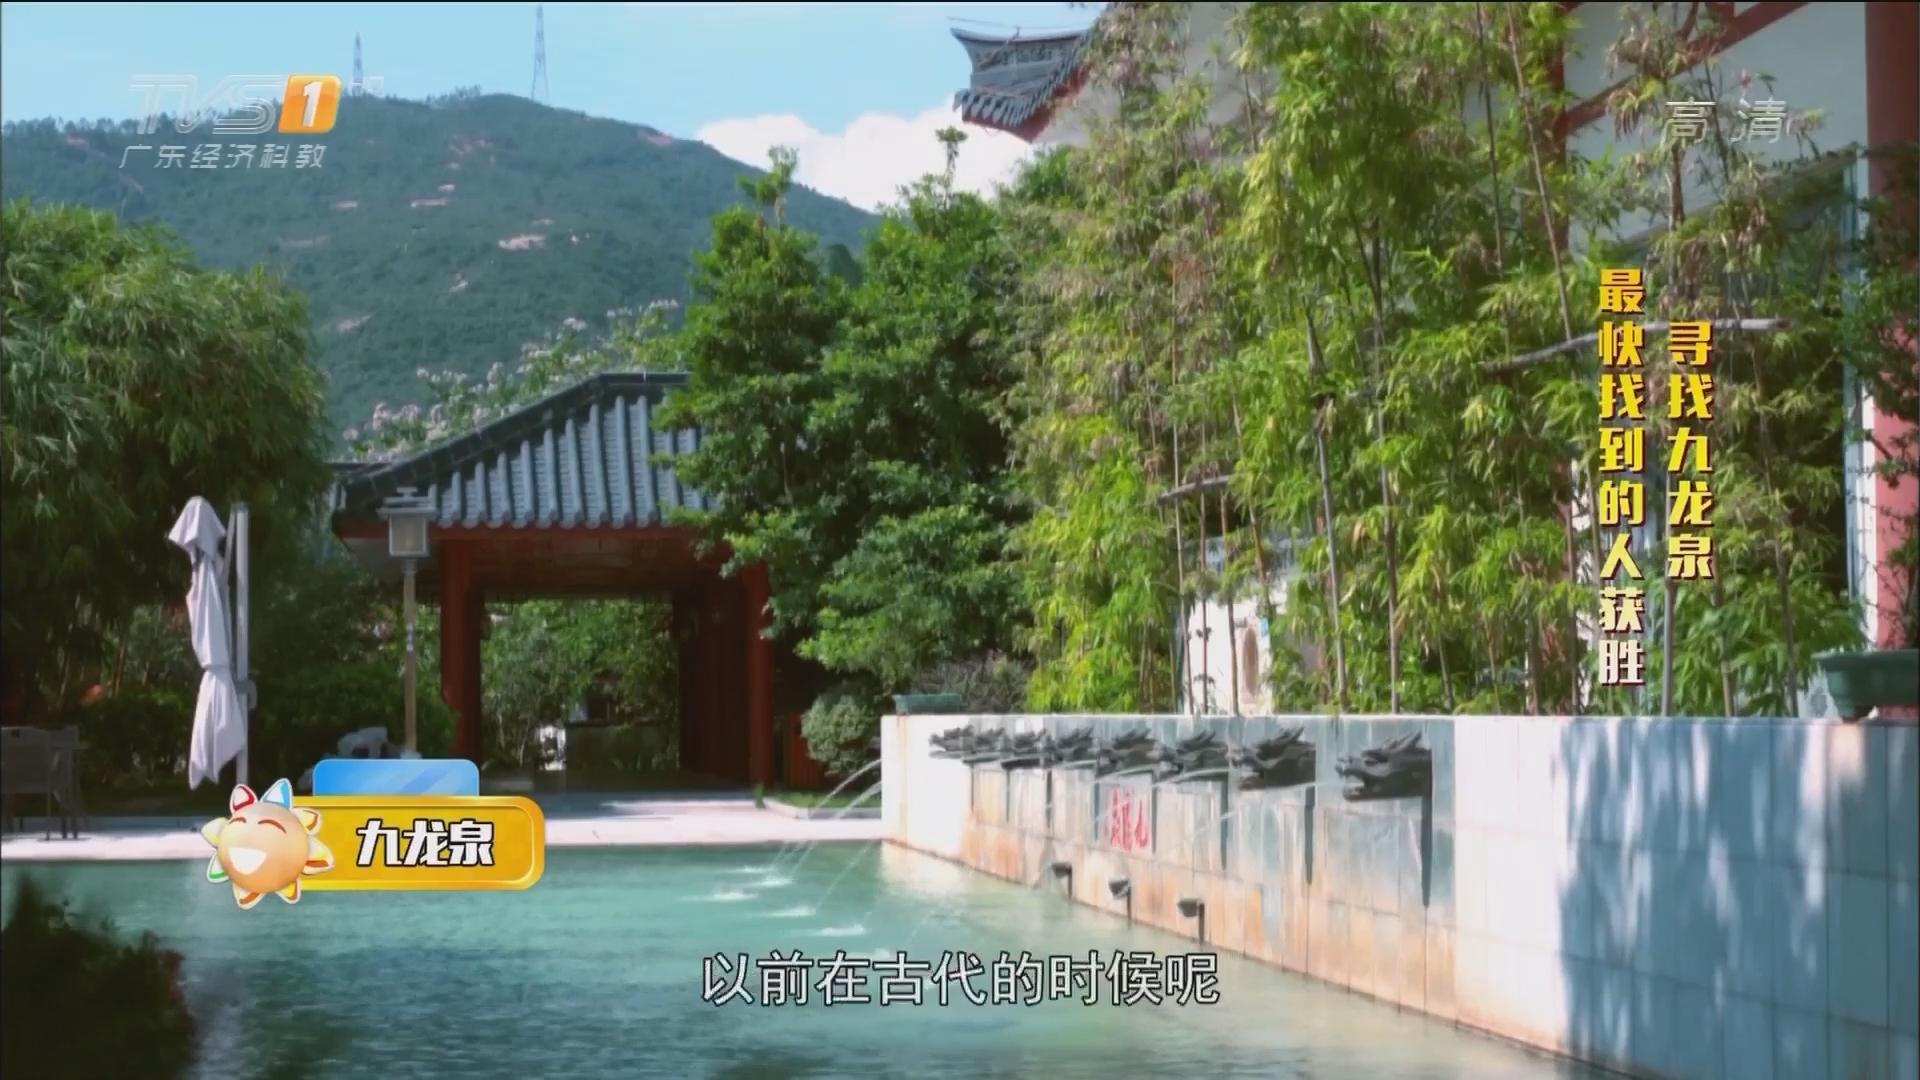 广东——九龙泉